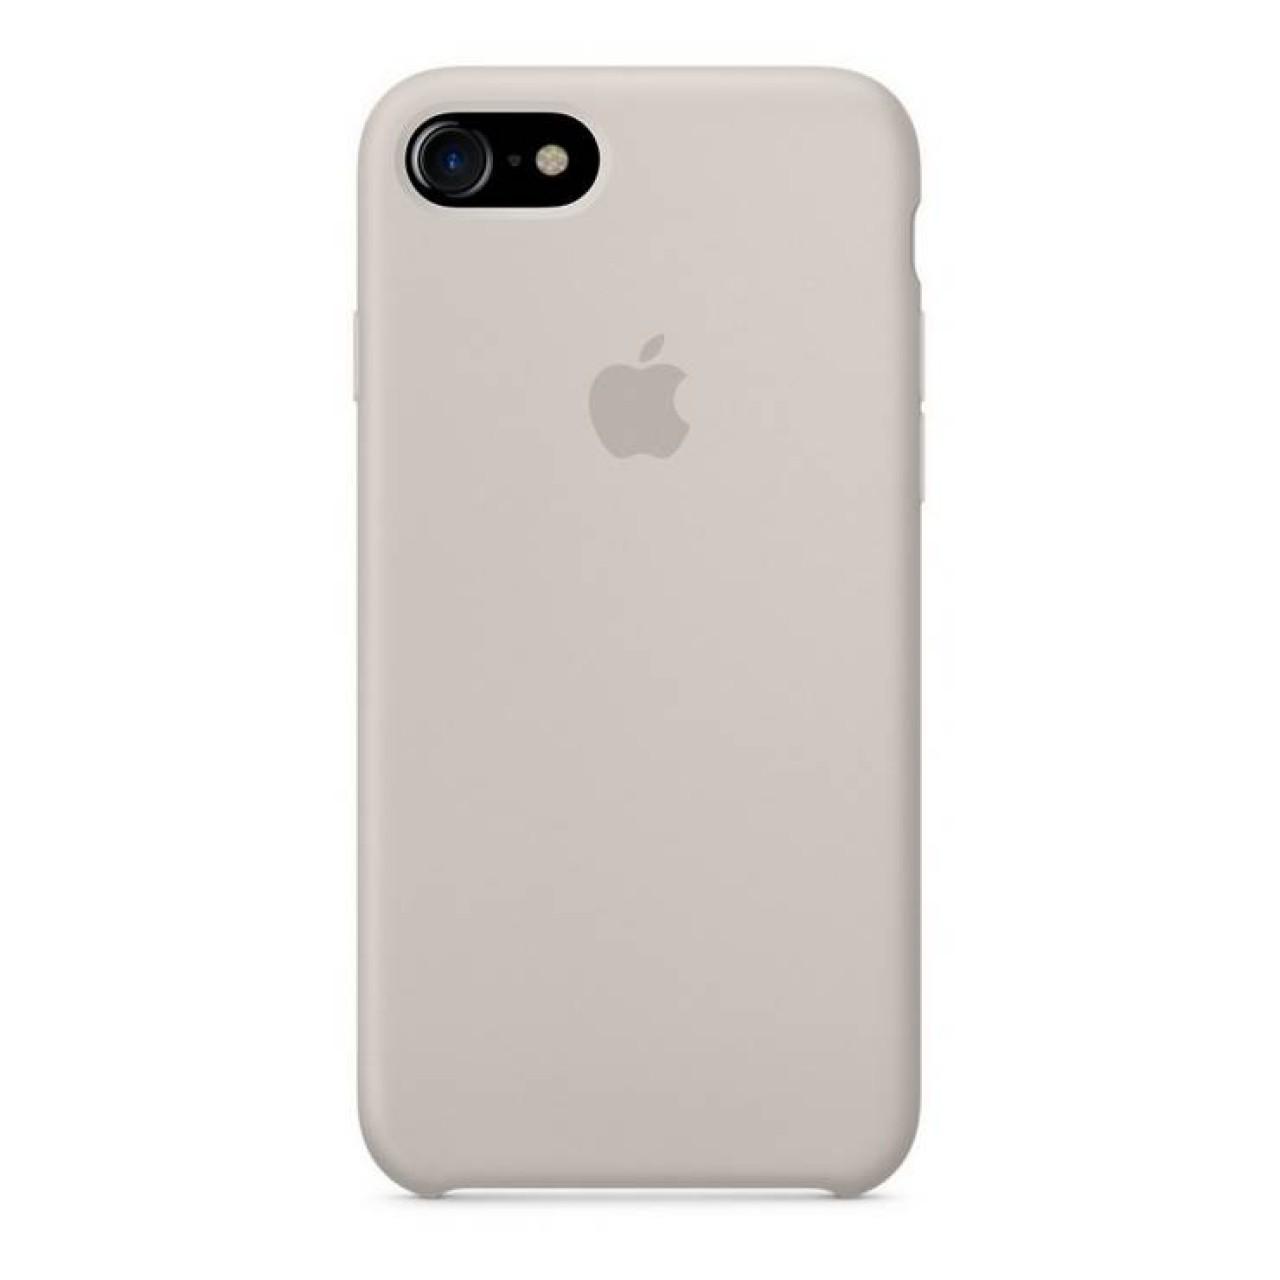 ΘΗΚΗ ΠΡΟΣΤΑΣΙΑΣ ΣΙΛΙΚΟΝΗΣ ΓΙΑ iPhone 7 / 8 PLUS ΓΚΡΙ ΤΗΣ ΠΕΤΡΑΣ - BACK COVER SILICON CASE STONE GREY - OEM